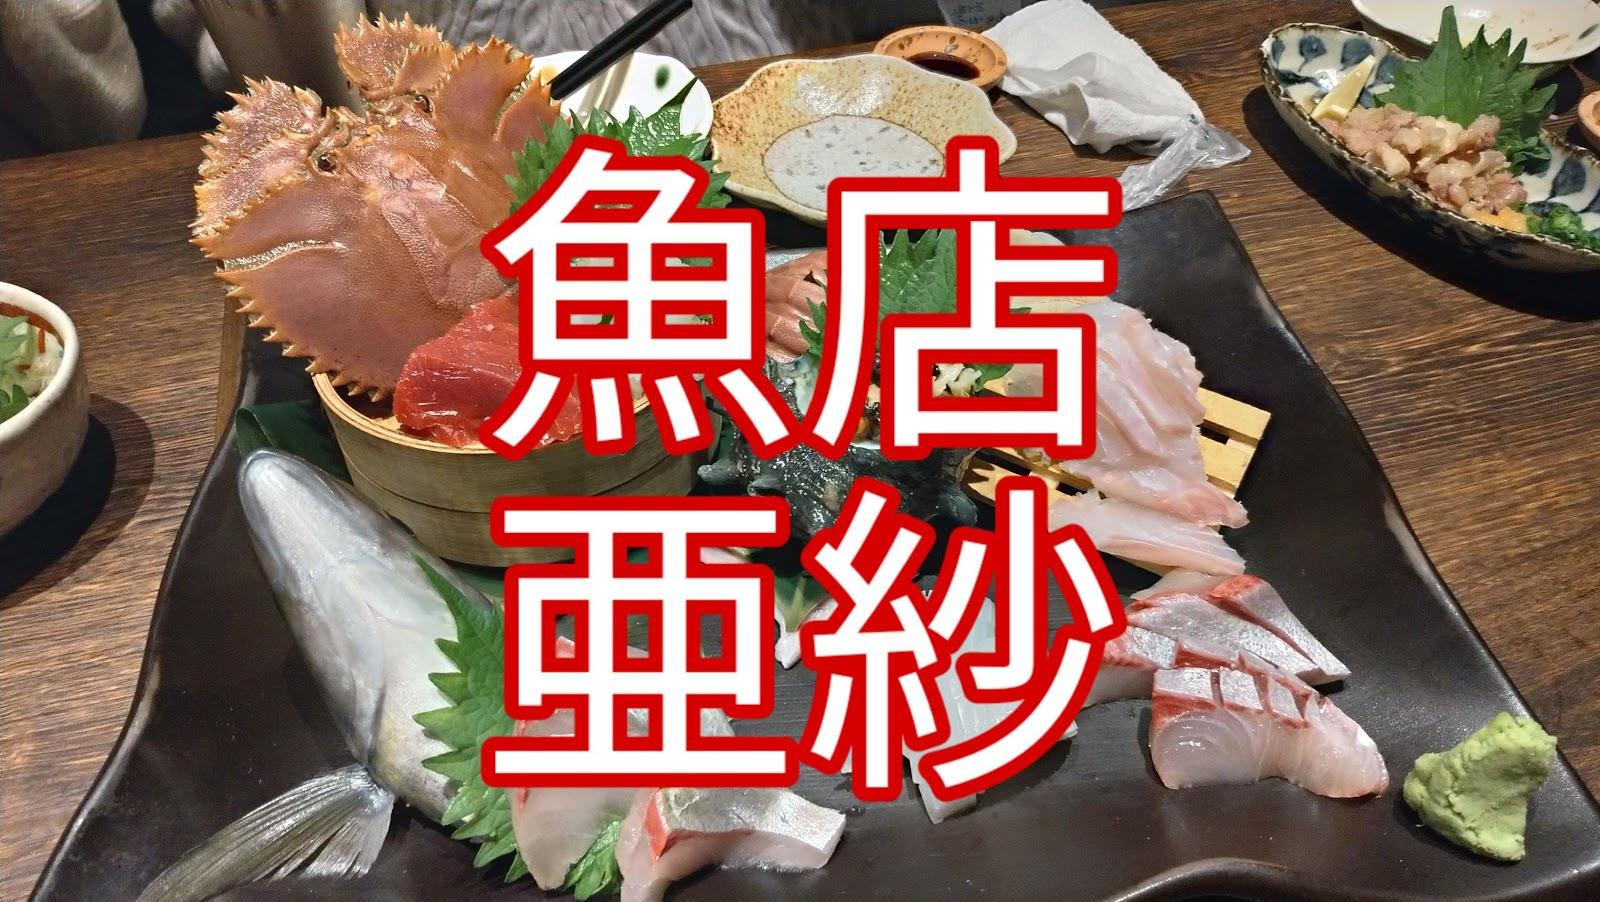 長崎市居酒屋の魚店亜紗 (うおだなあさ)がスーパーおすすめ!